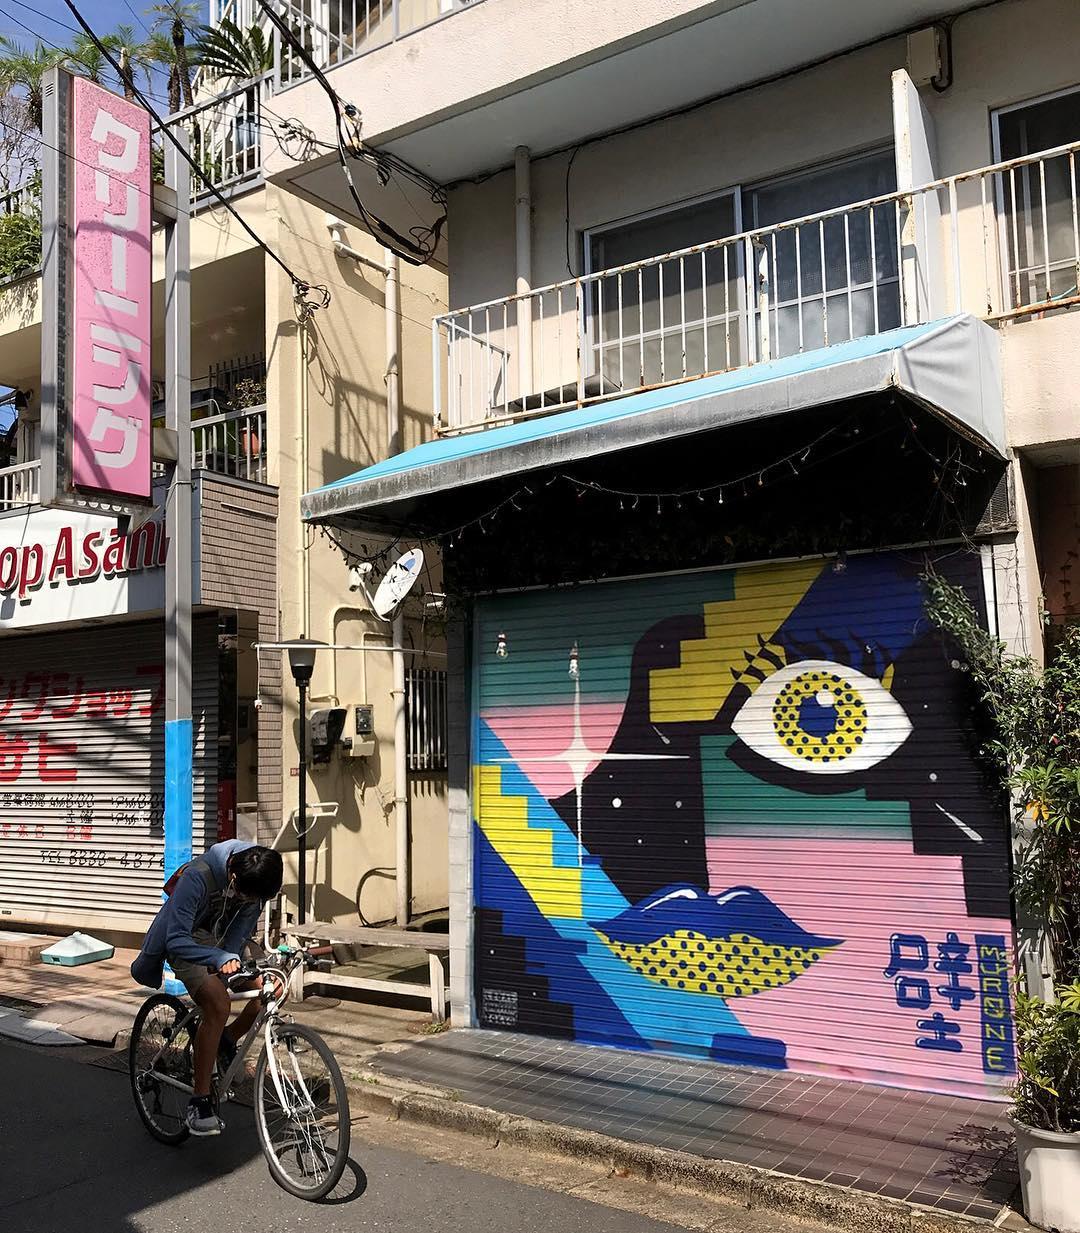 La street art di Murone, un'armonia di colori e forme| Collater.al 6